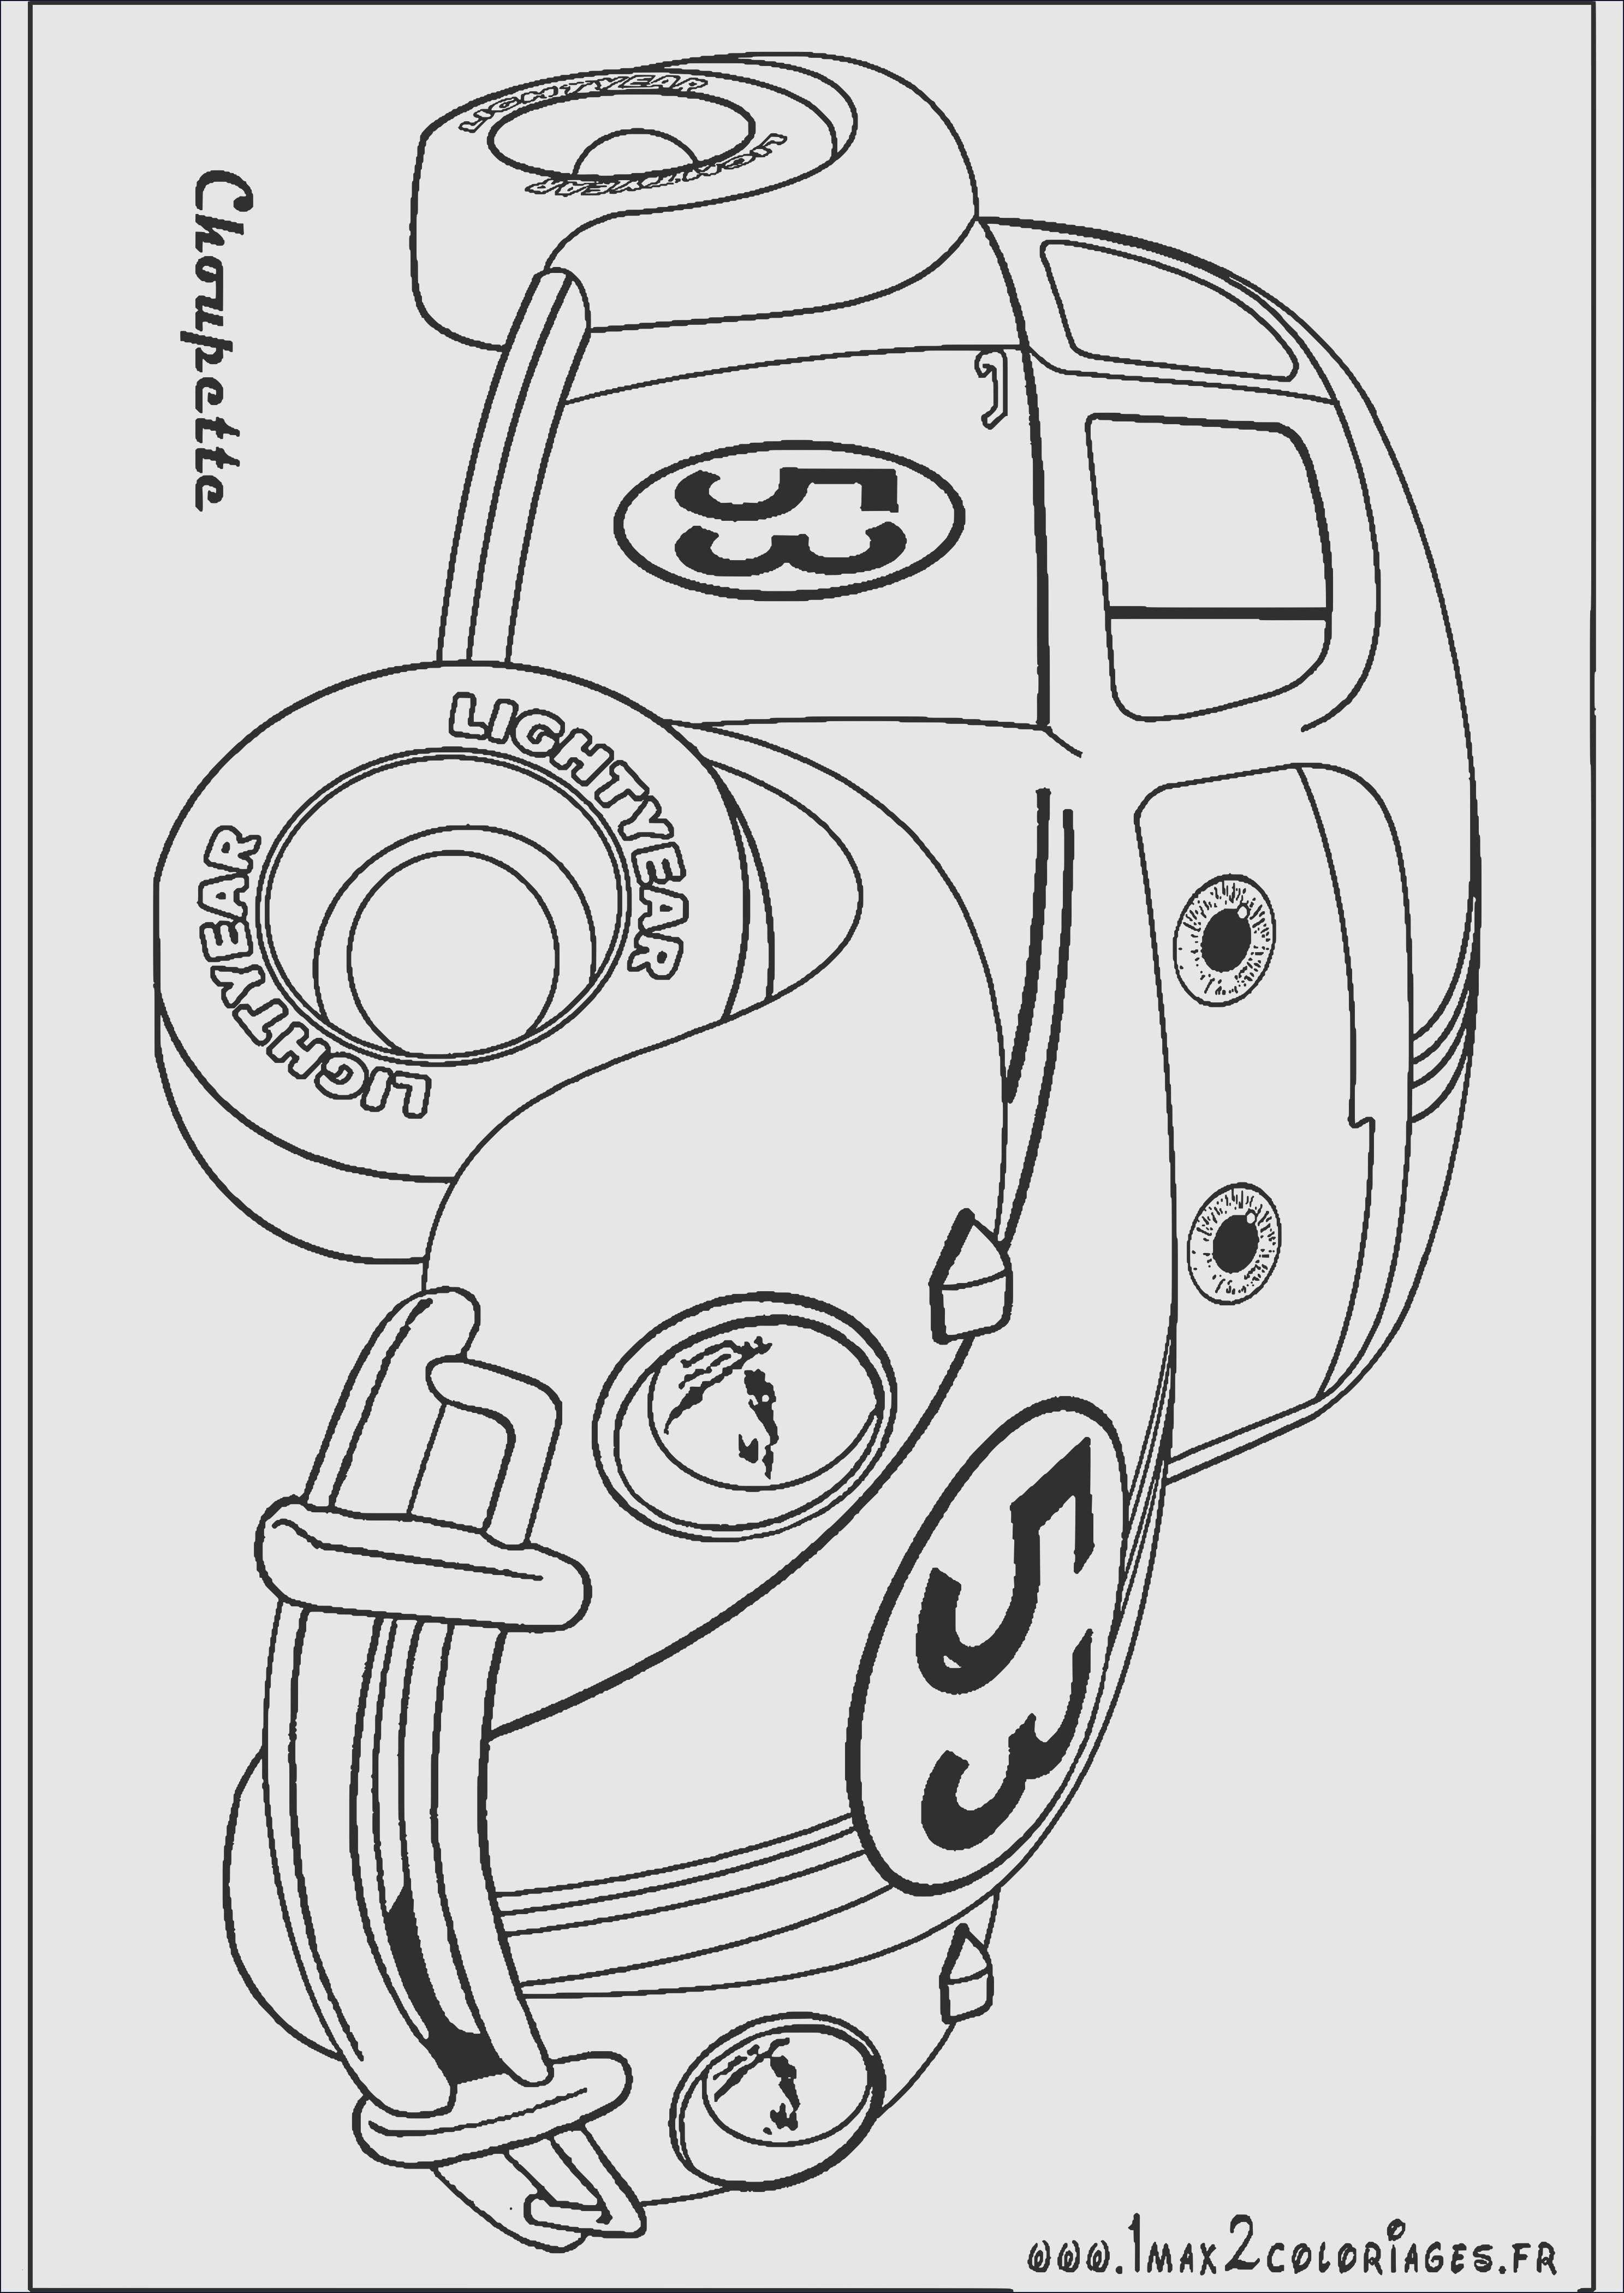 Ausmalbilder Zum Ausdrucken Autos Das Beste Von Bilder Zum Ausmalen Autos Galerie Malvorlagen Autos Zum Ausdrucken Bilder